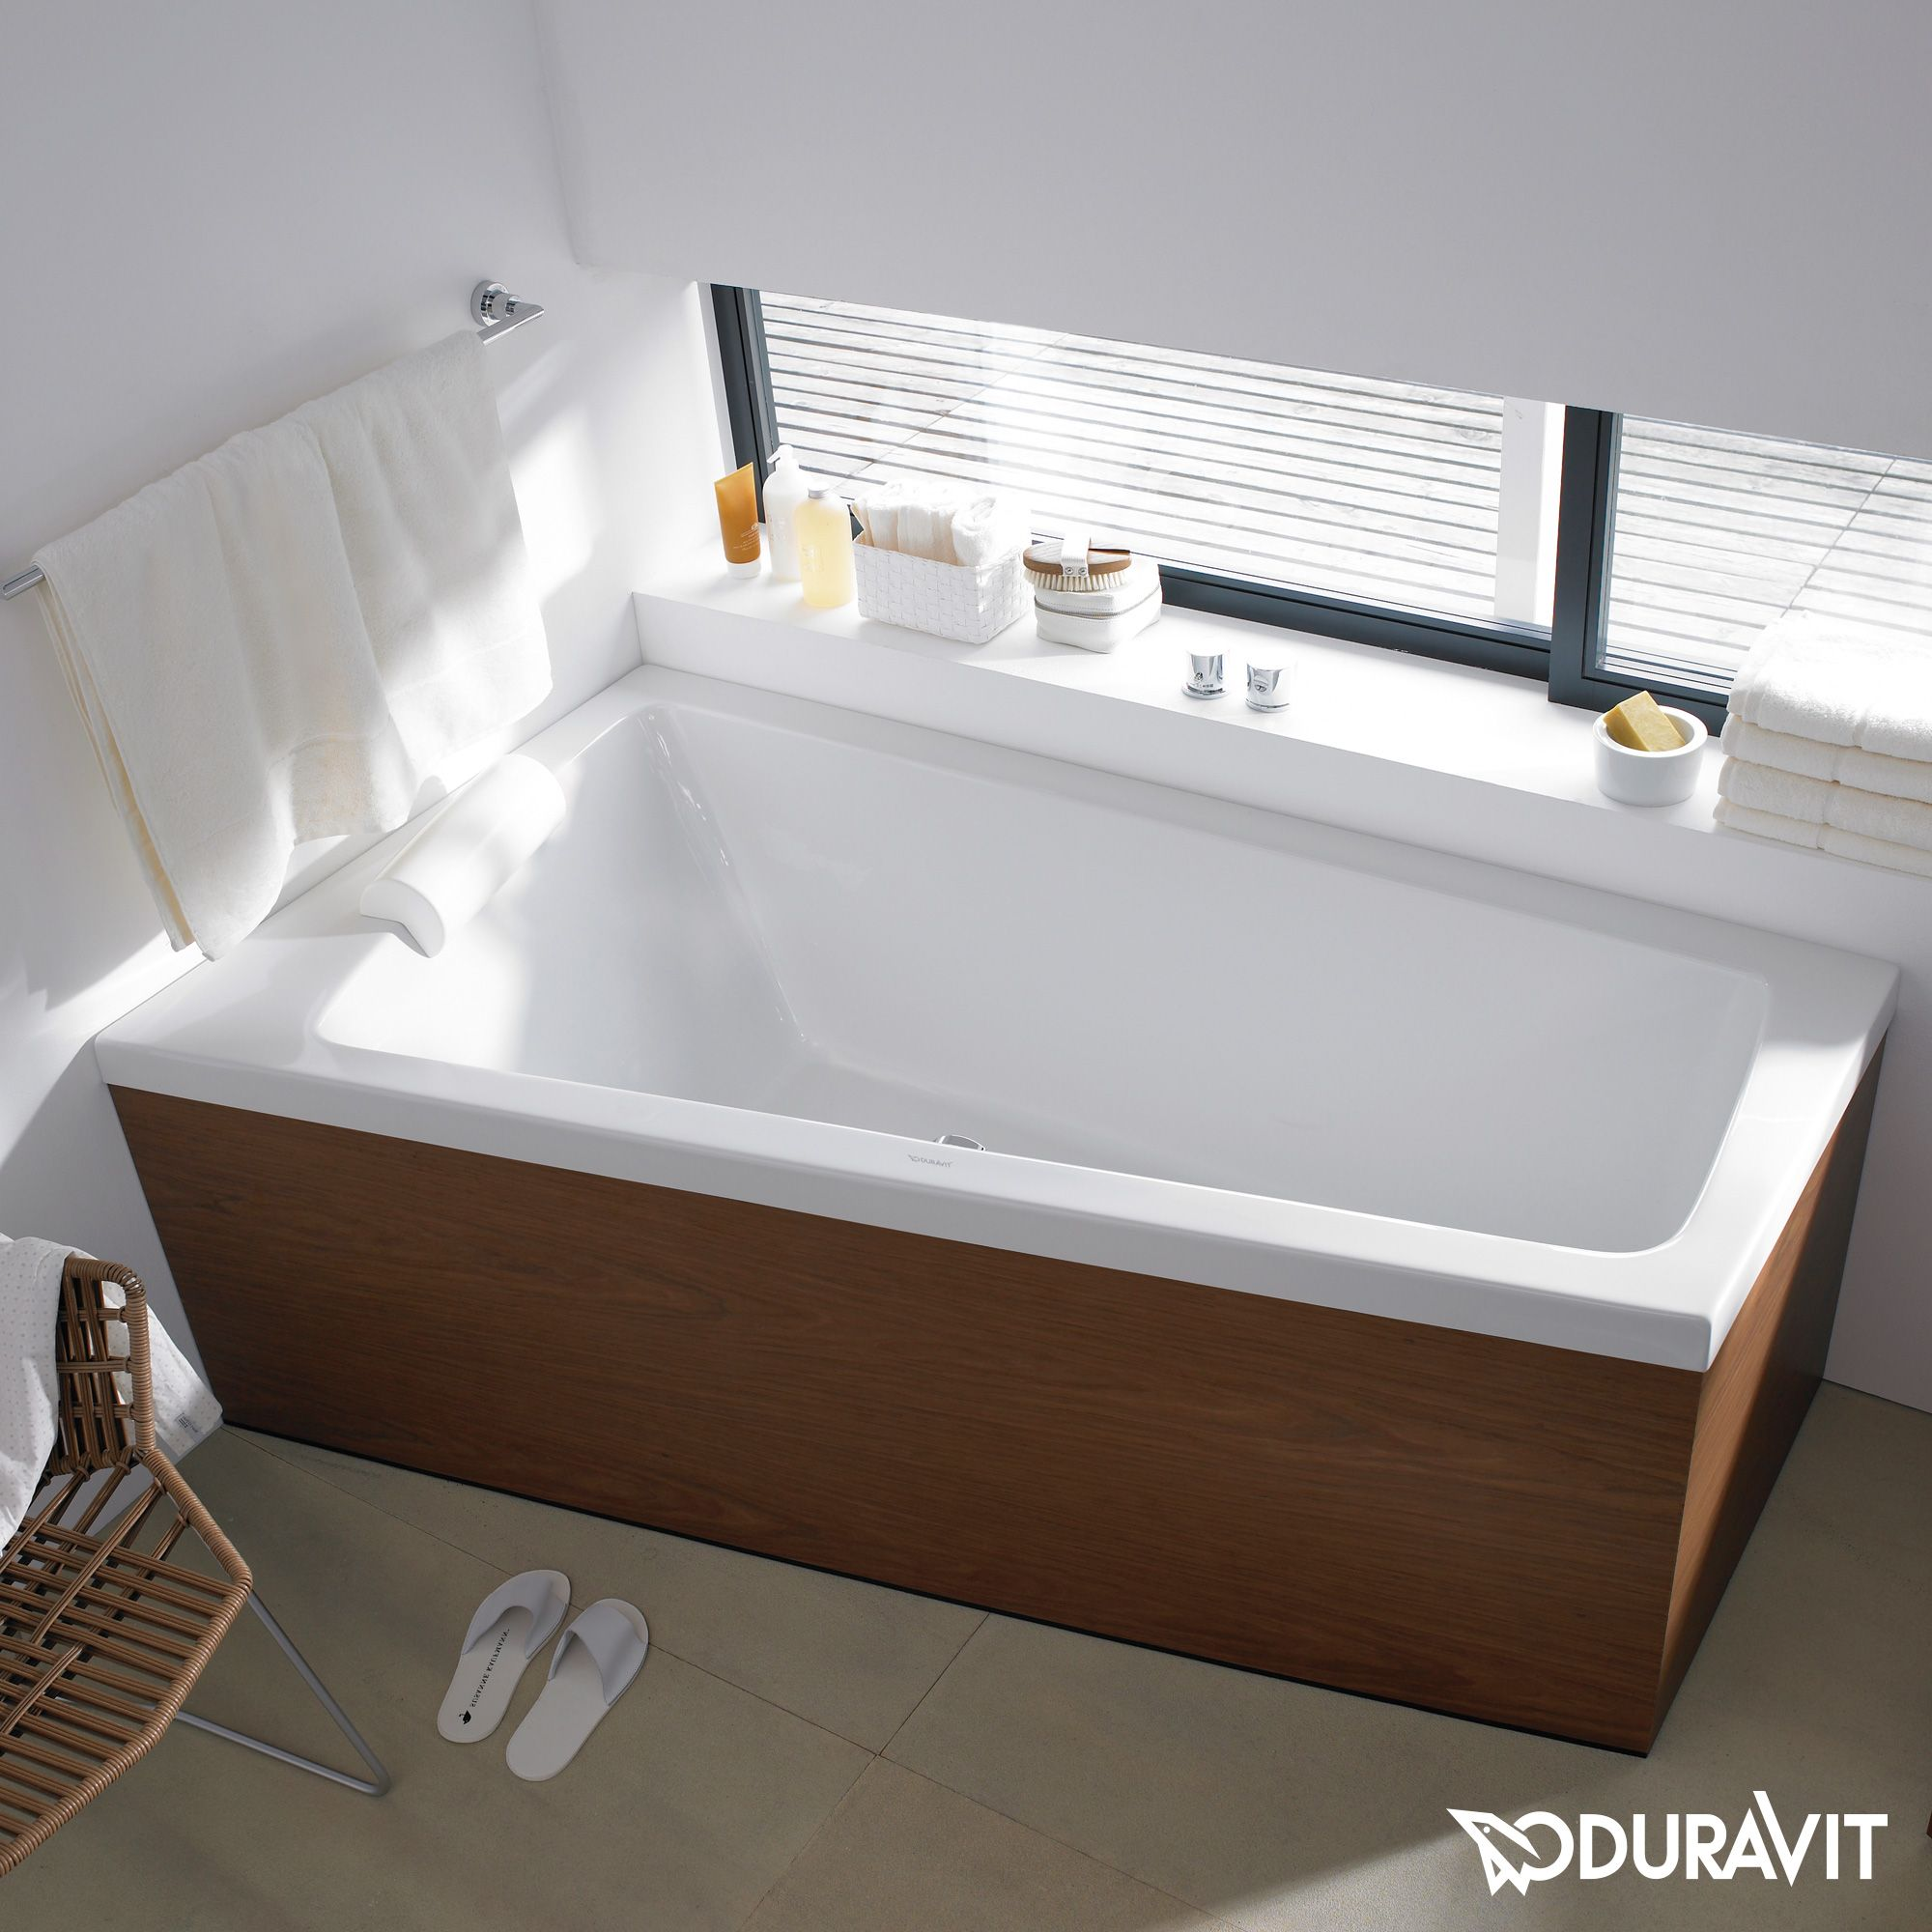 Duravit Paiova Badewanne Ecke Links Einbauversion Badezimmer Badewanne Badewanne Fur Zwei